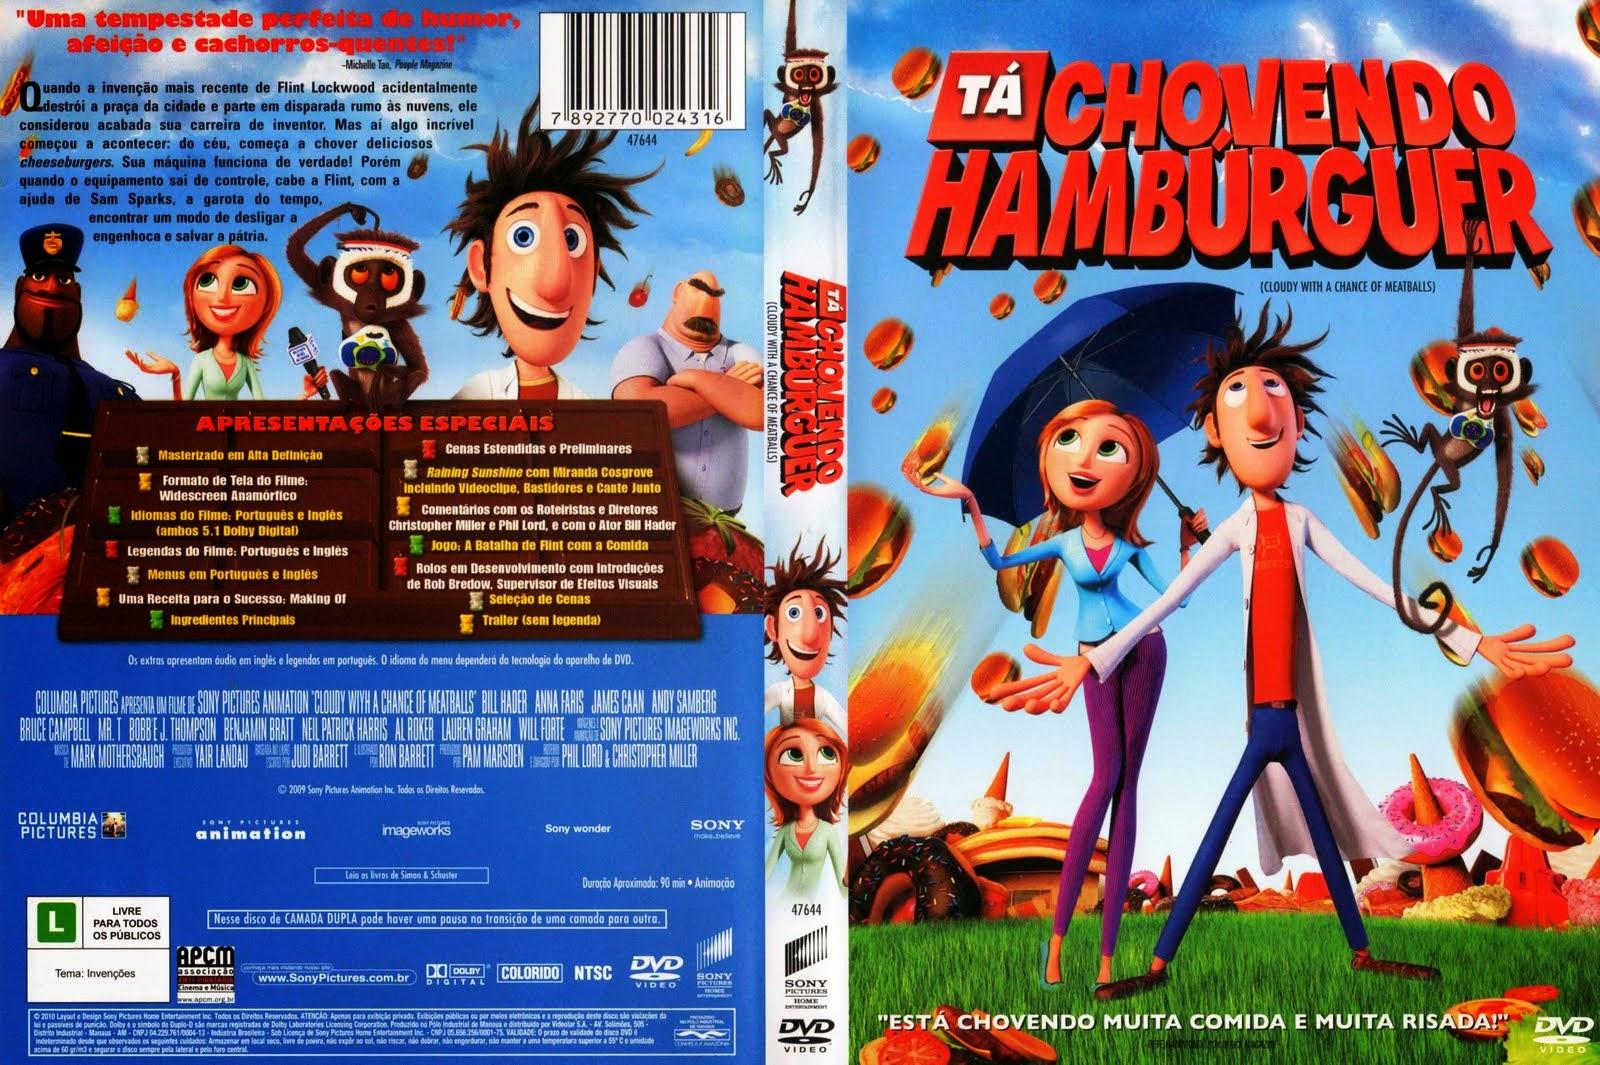 Filme Ta Chovendo Hamburguer Dublado Completo inside maio 2014 | gigante das capas